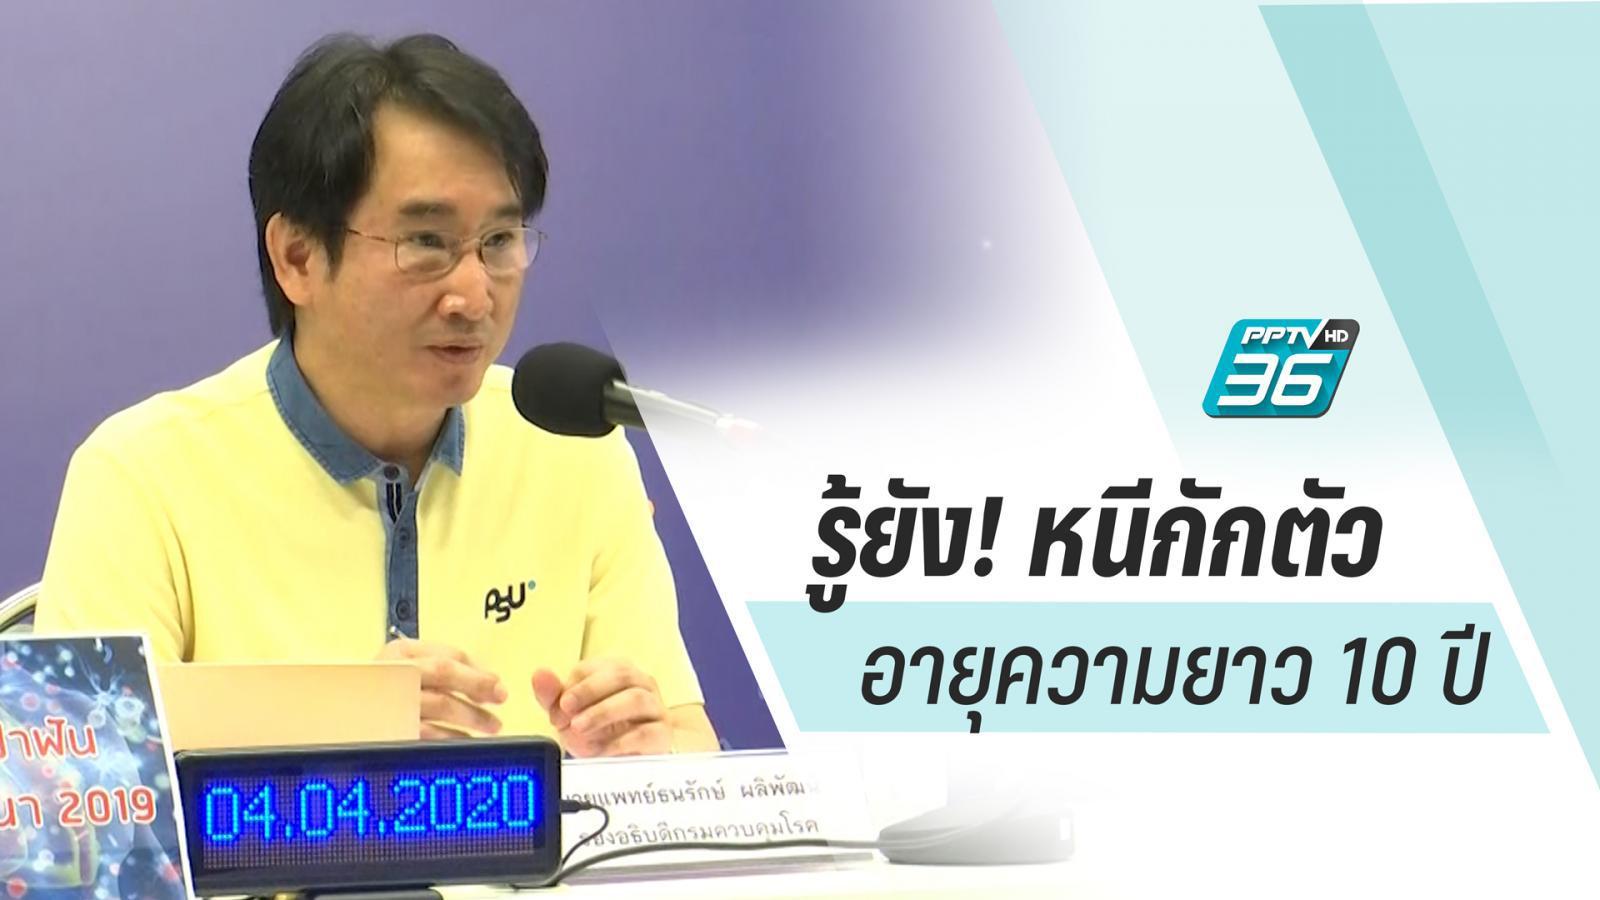 เตือน! คนไทยหนีกักตัว มีโทษจำคุก 1 ปี อายุความยาว 10 ปี